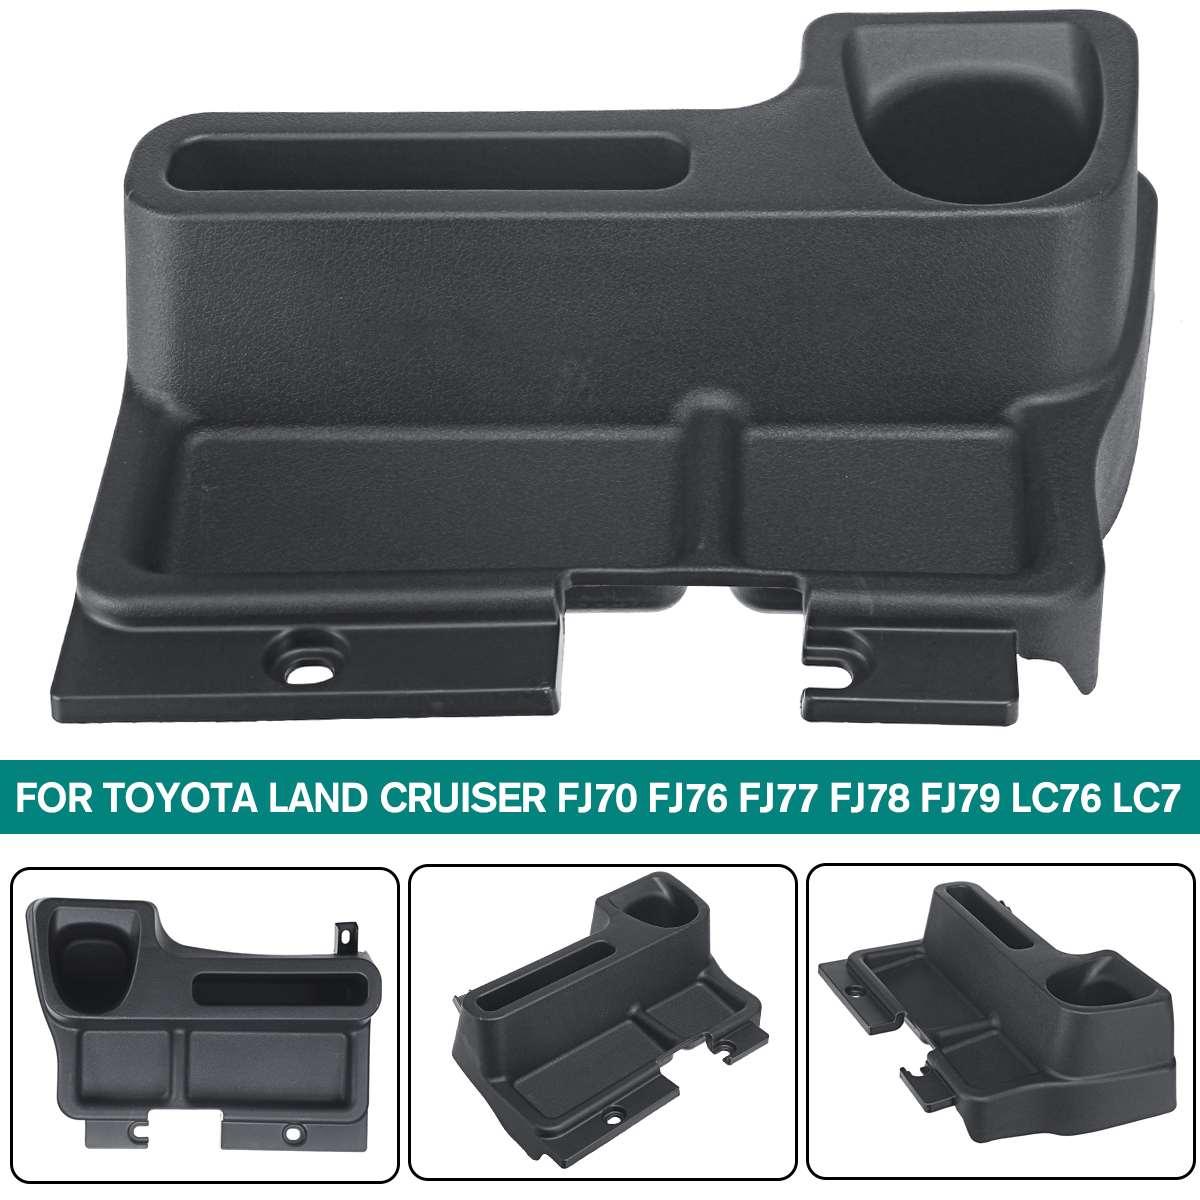 Car Accessories Plastic Storage Box Tray Insert Center console Box For Toyota Land Cruiser FJ70 FJ76 FJ77 FJ78 FJ79 LC76 LC77(China)